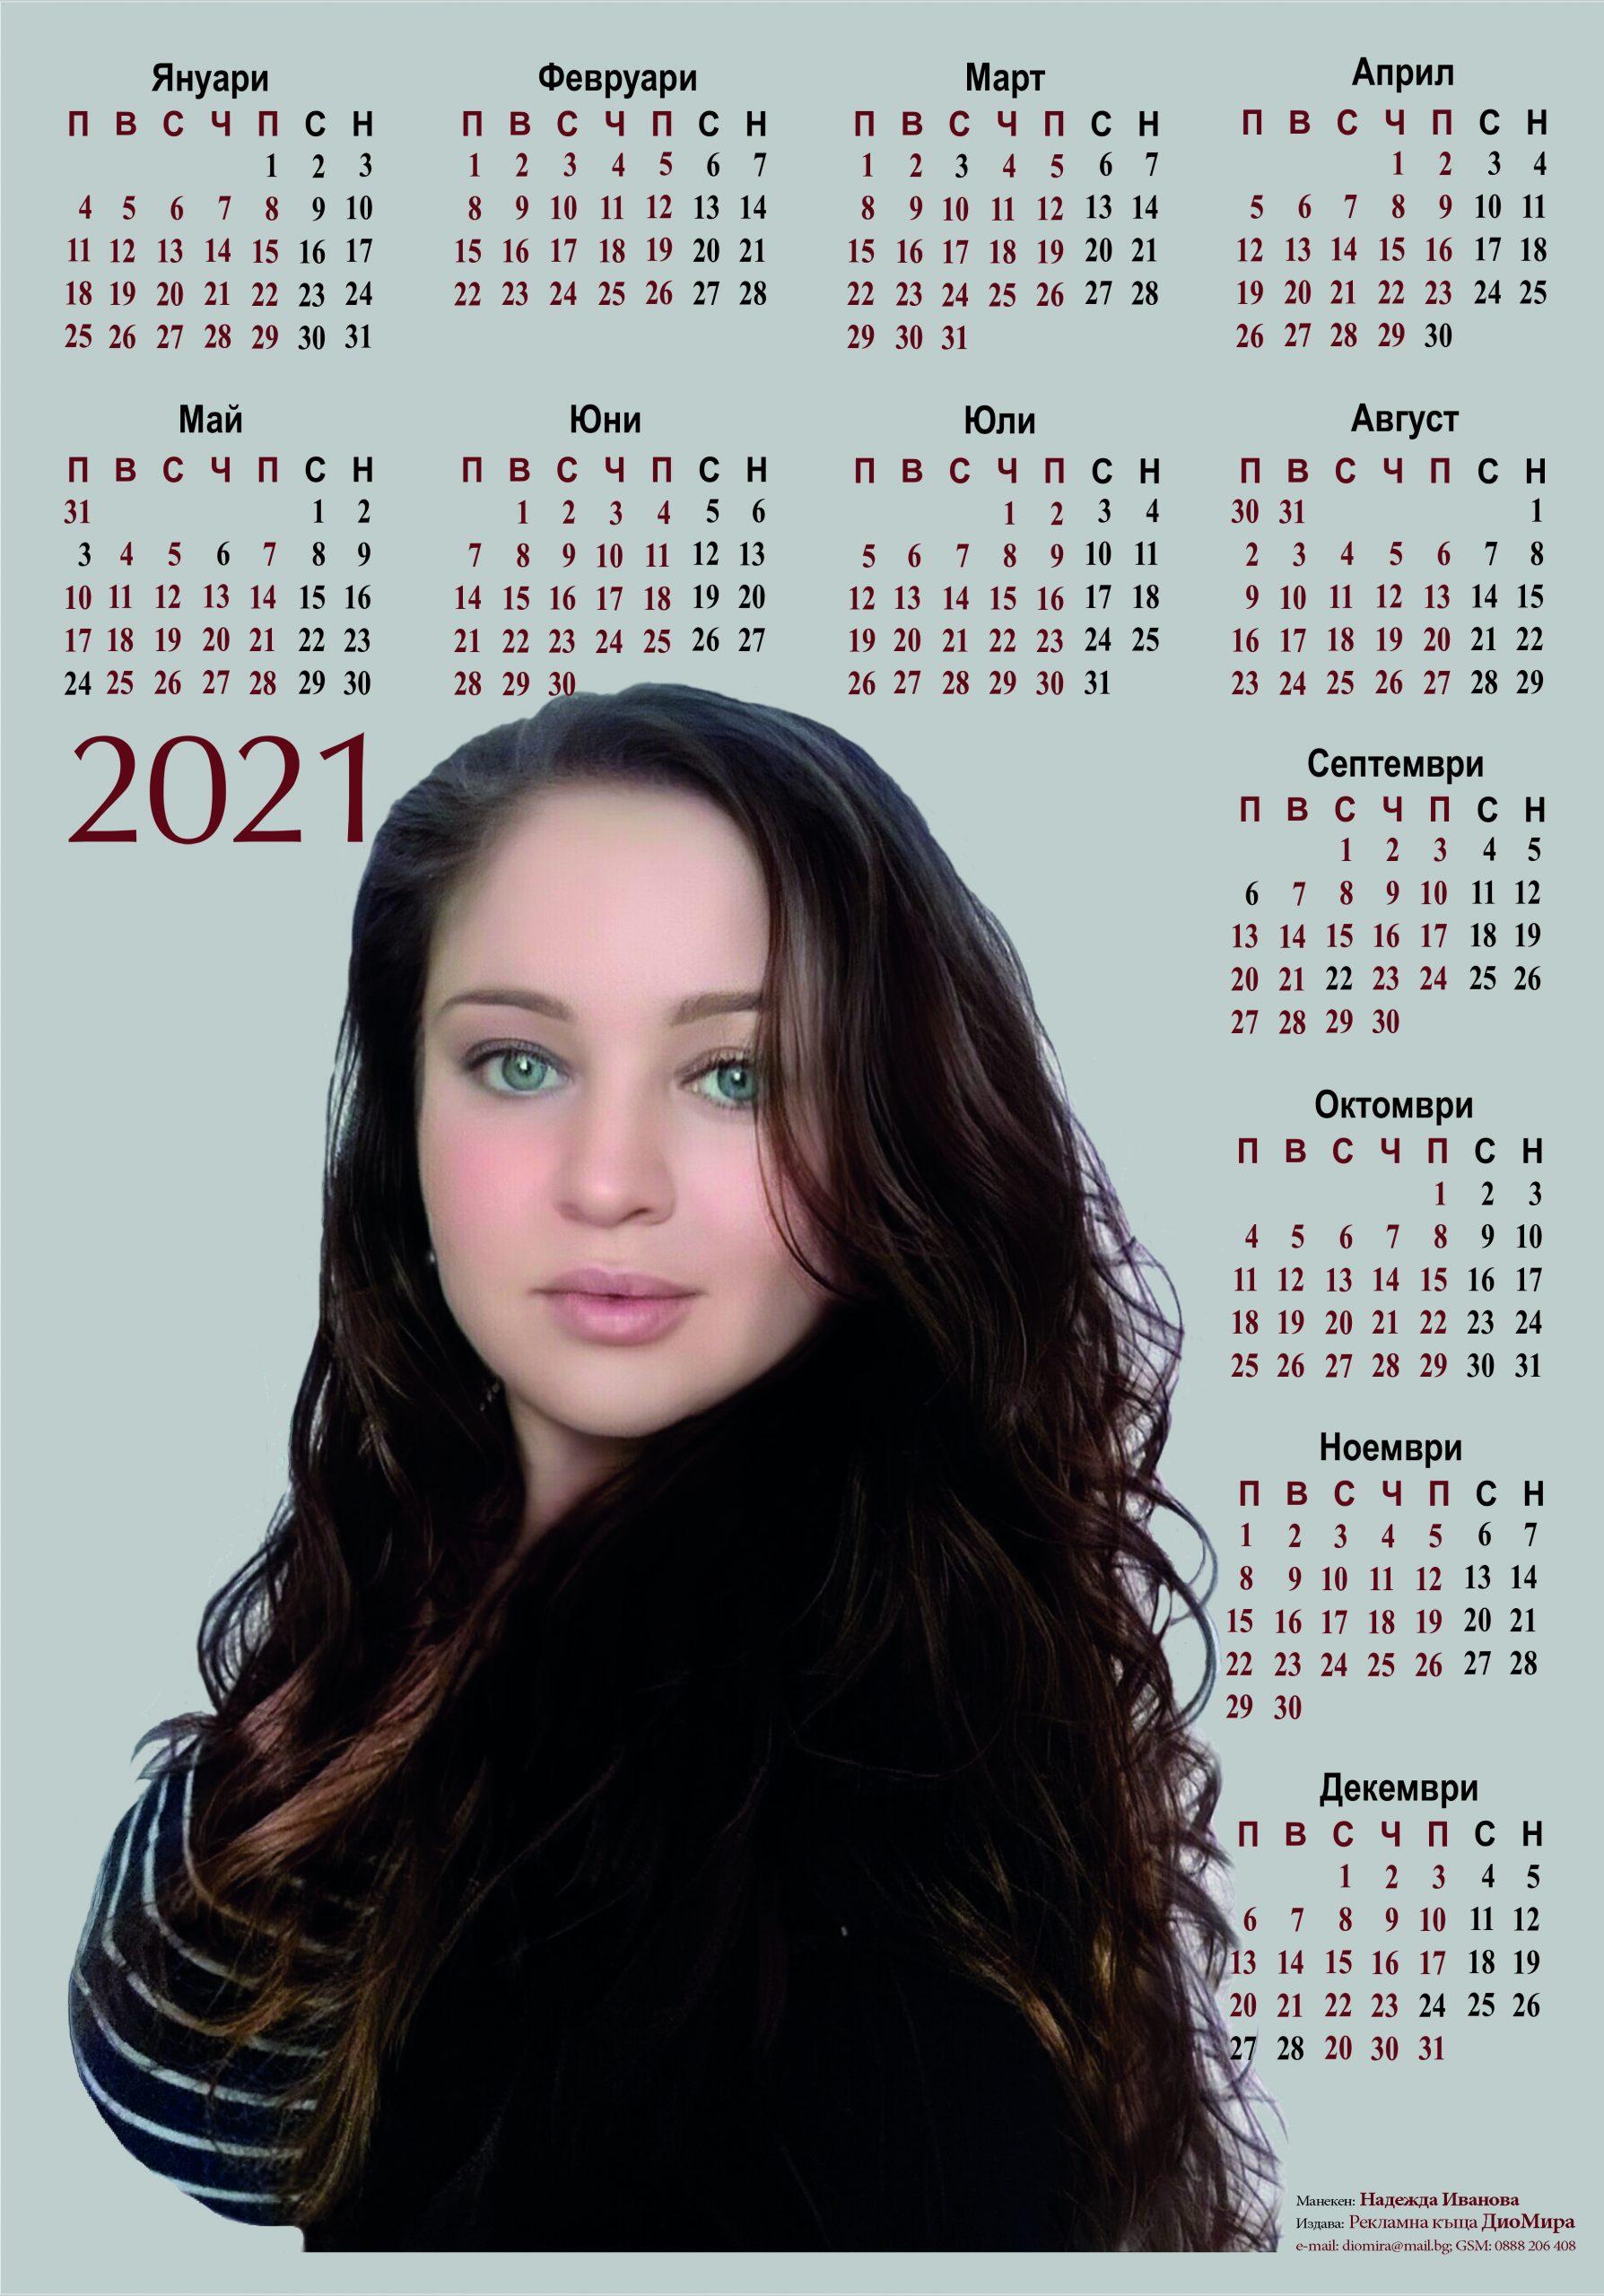 Рекламен календар 2021 размер 100х70 см